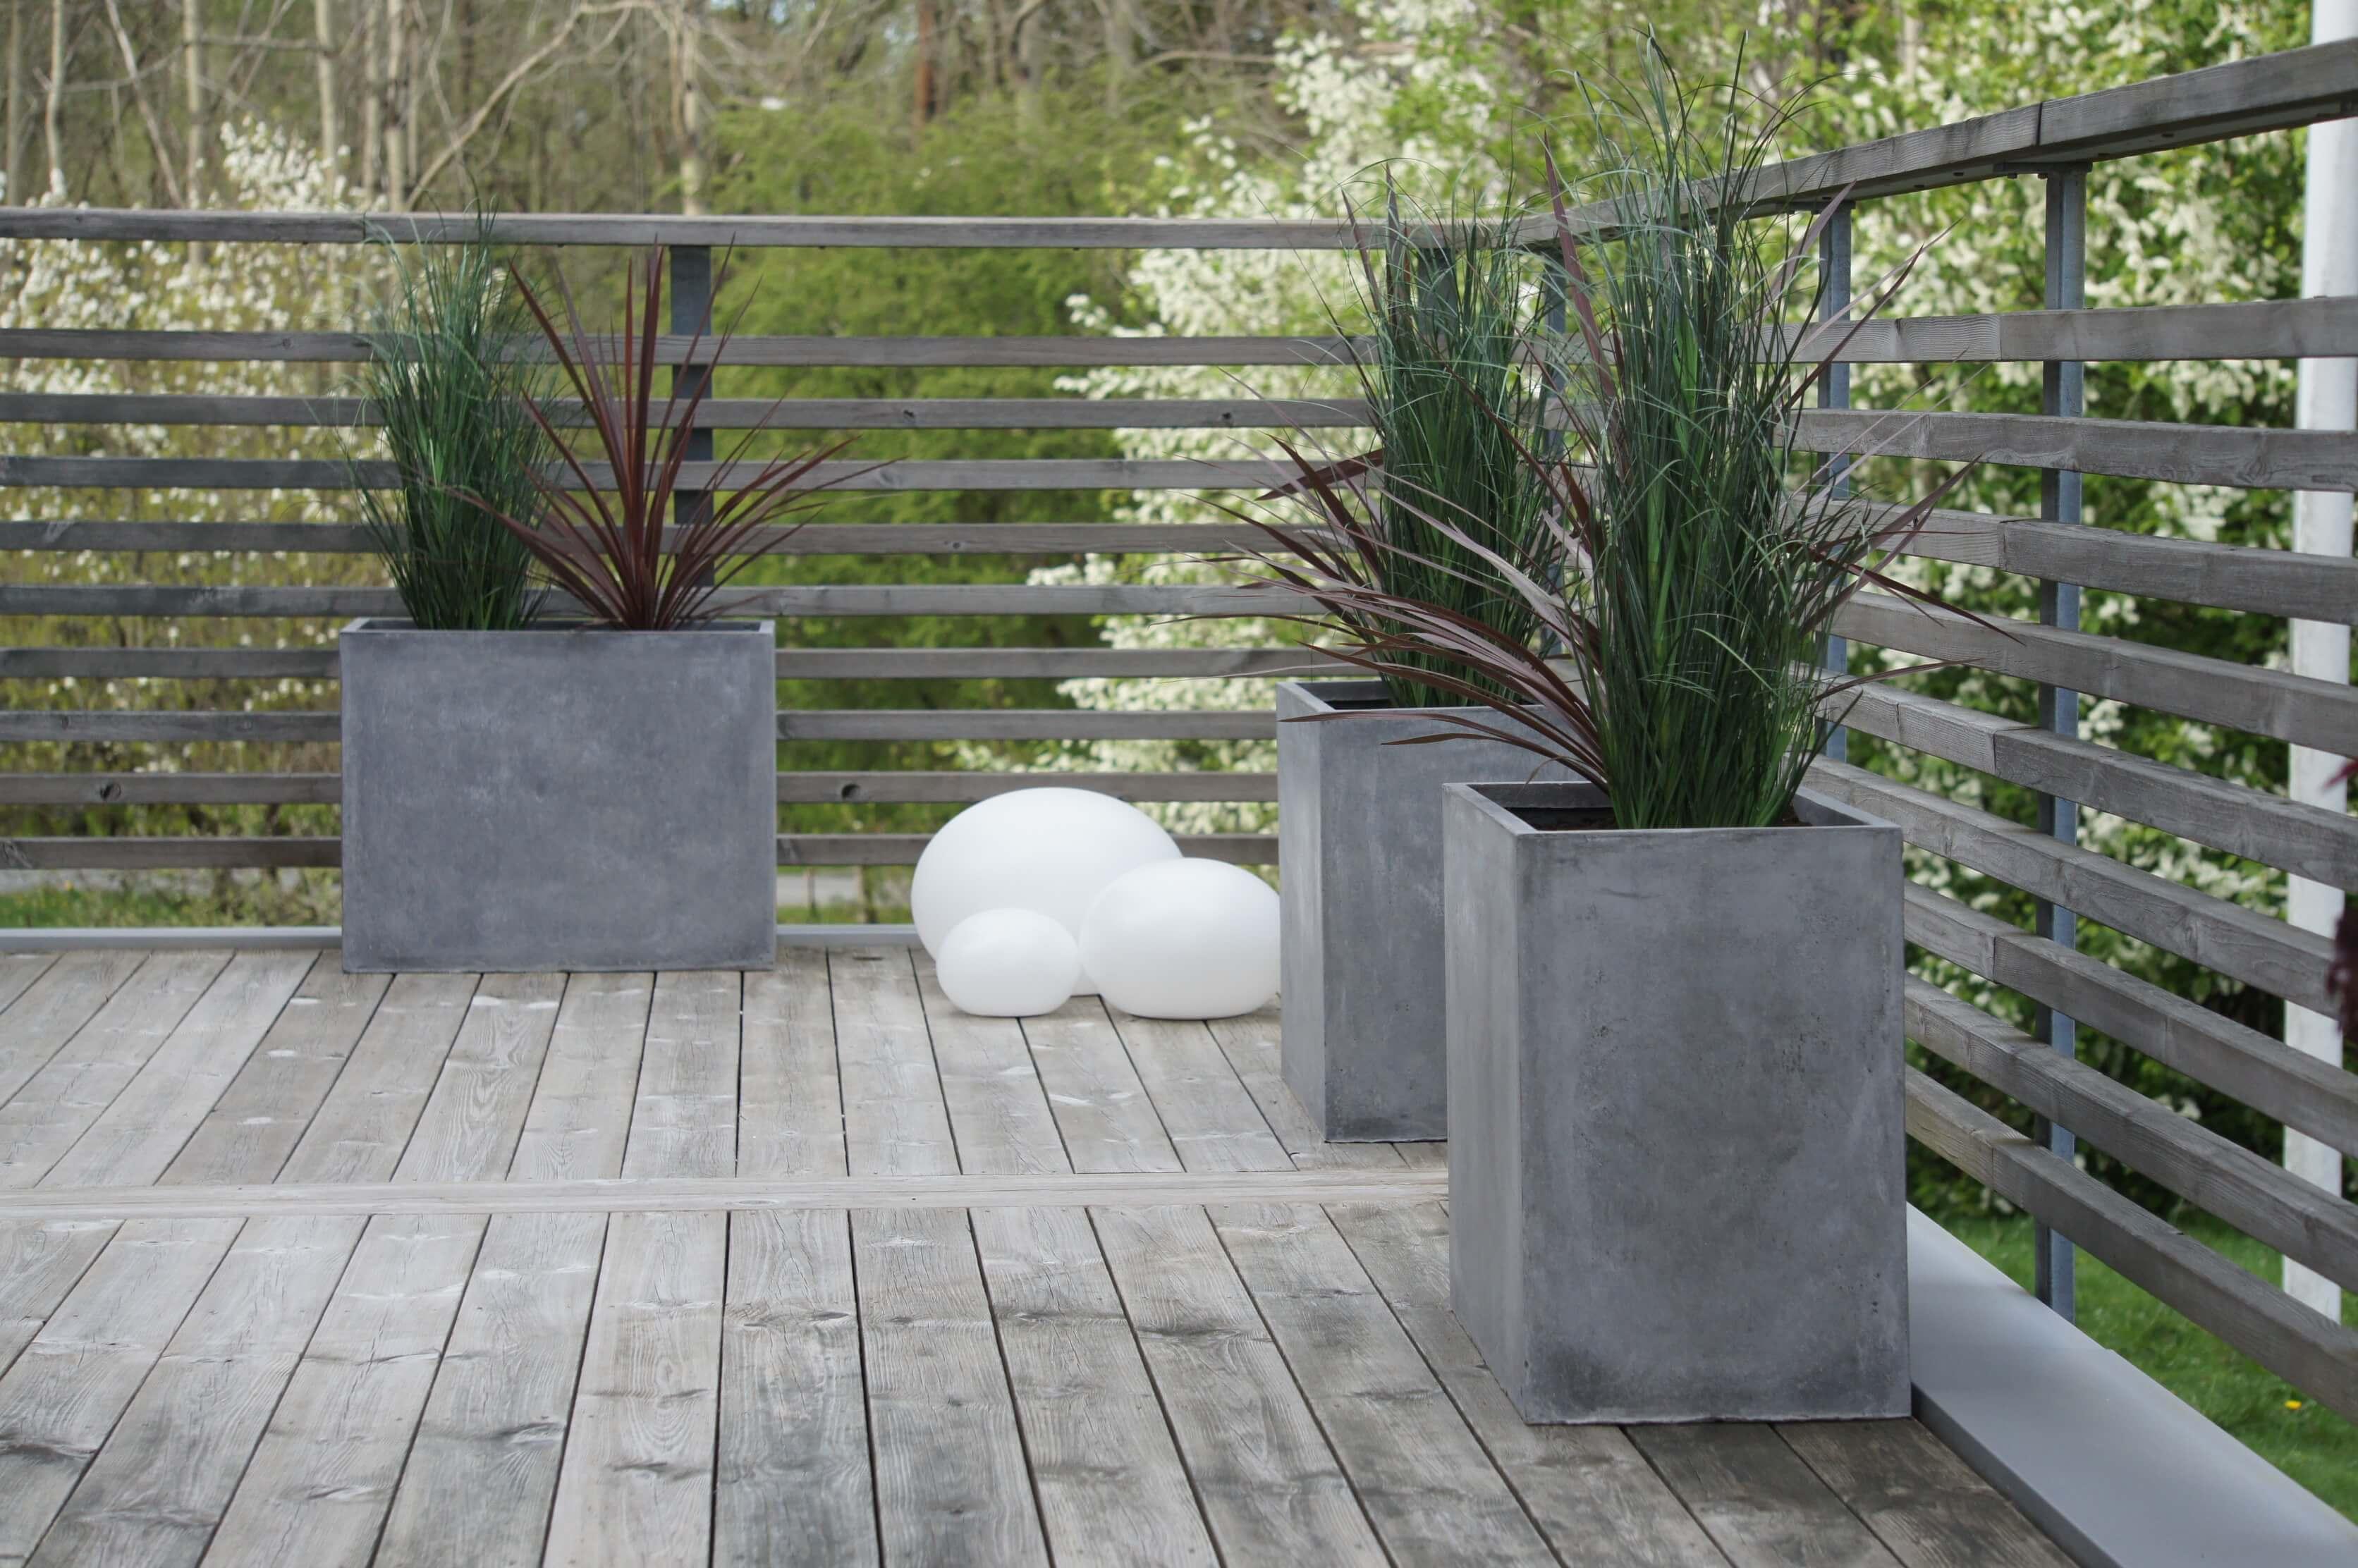 plantering, trädgård, altan, betong, blommor, plantagen, solcell